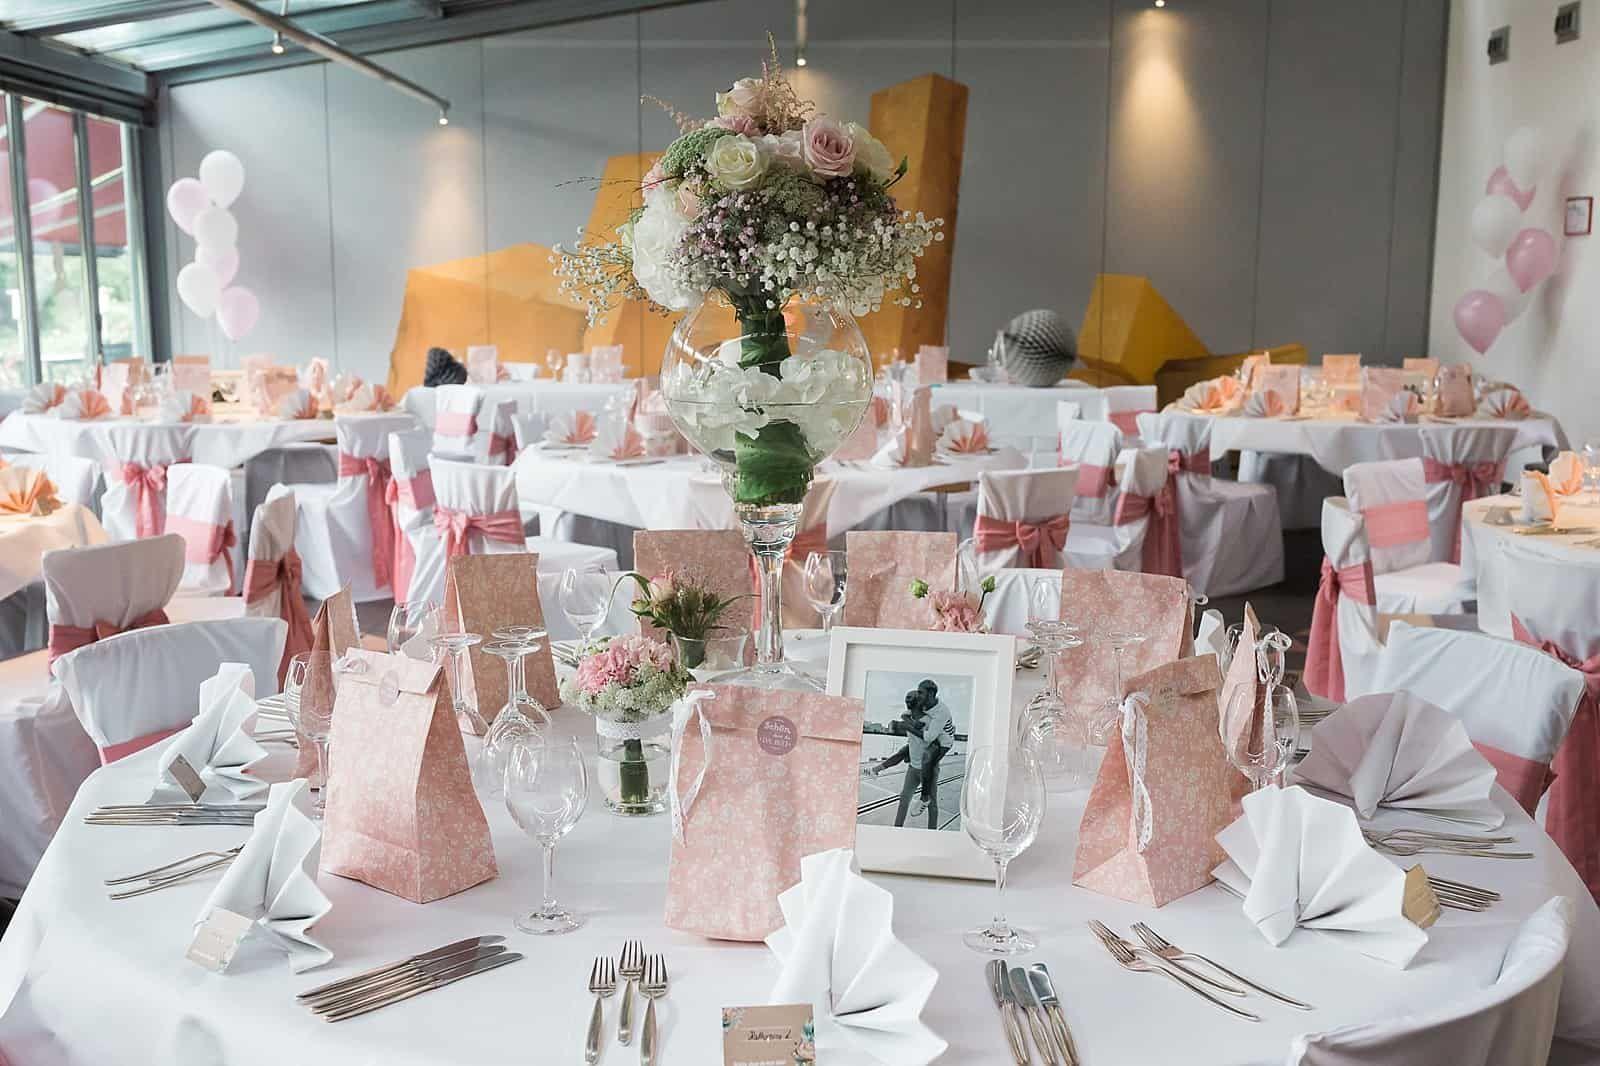 20160730 Hochzeit Patrick Michael Hotel Darstein 003 Thomas Lerch Wedding Photography 002 Hochzeit Hochzeitsfotograf Paarbilder